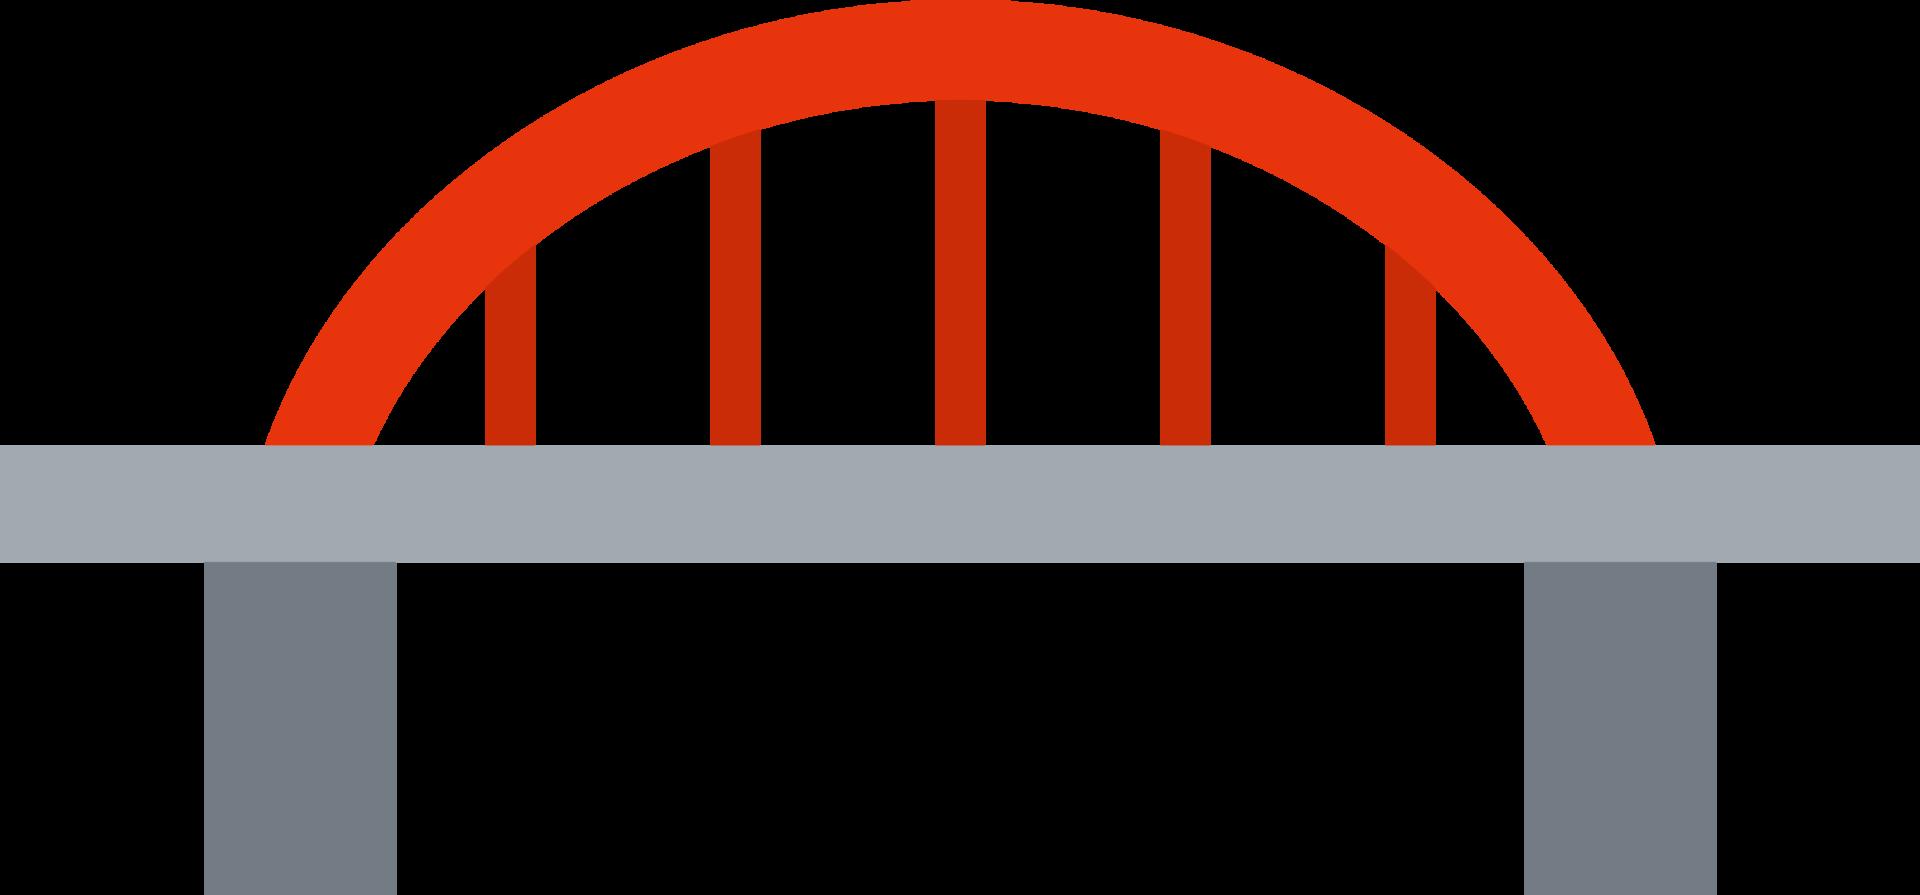 橋渡しのイラスト